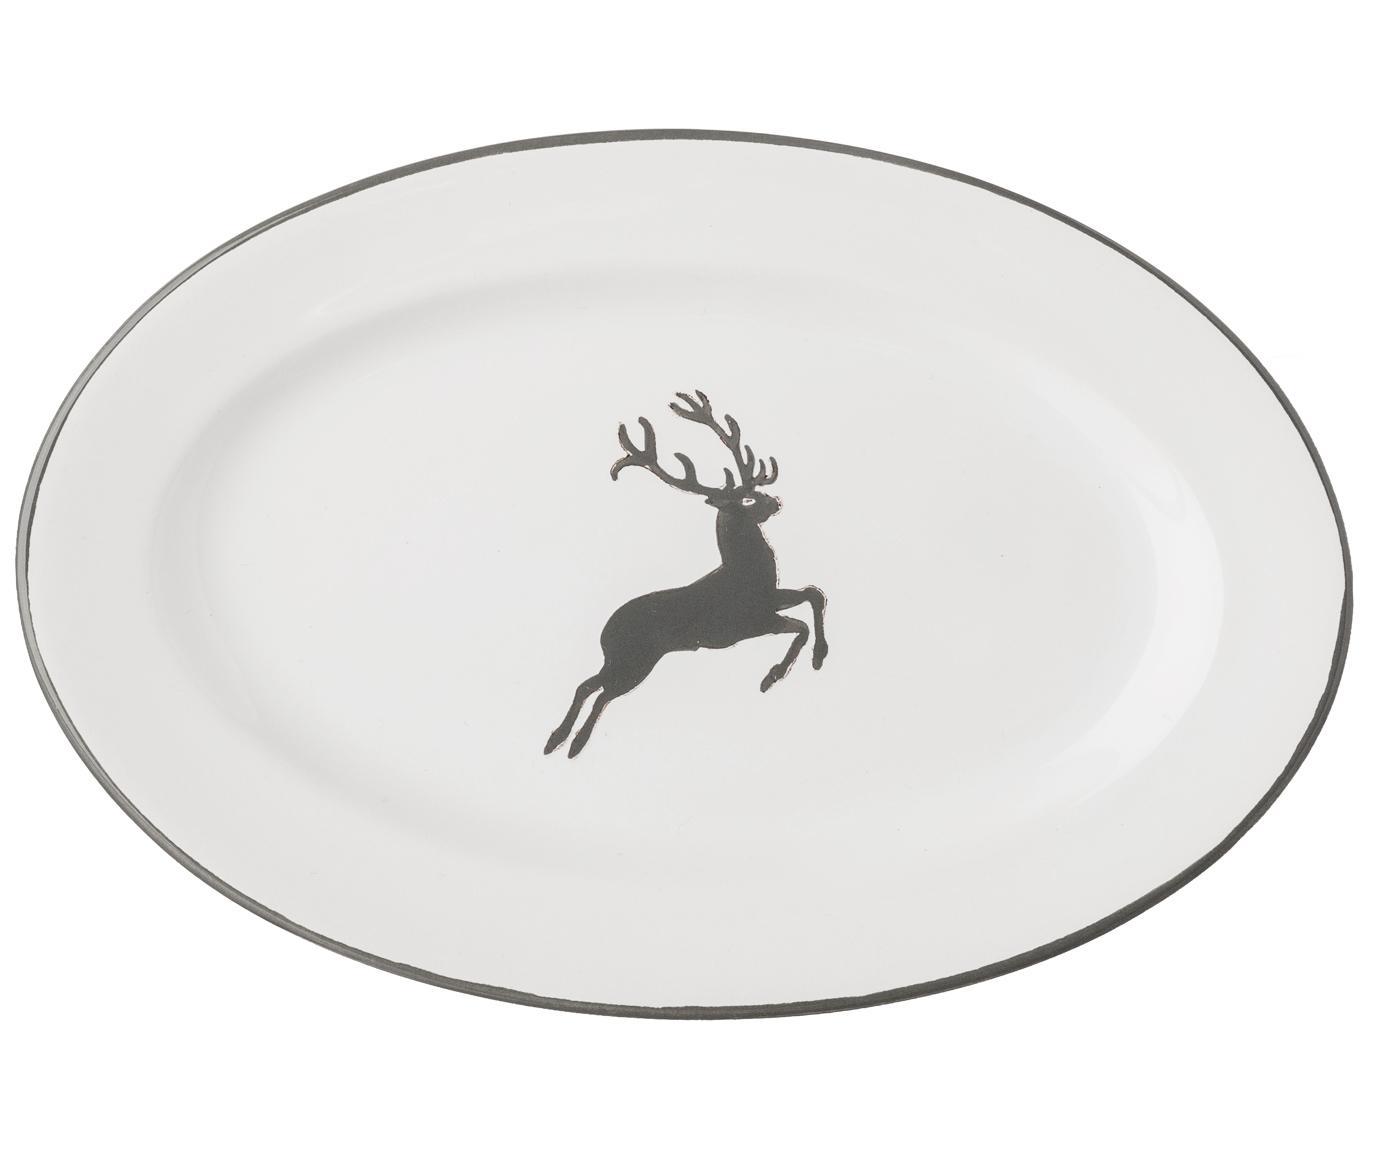 Servierplatte Gourmet Grauer Hirsch, Keramik, Grau,Weiß, 21 x 14 cm